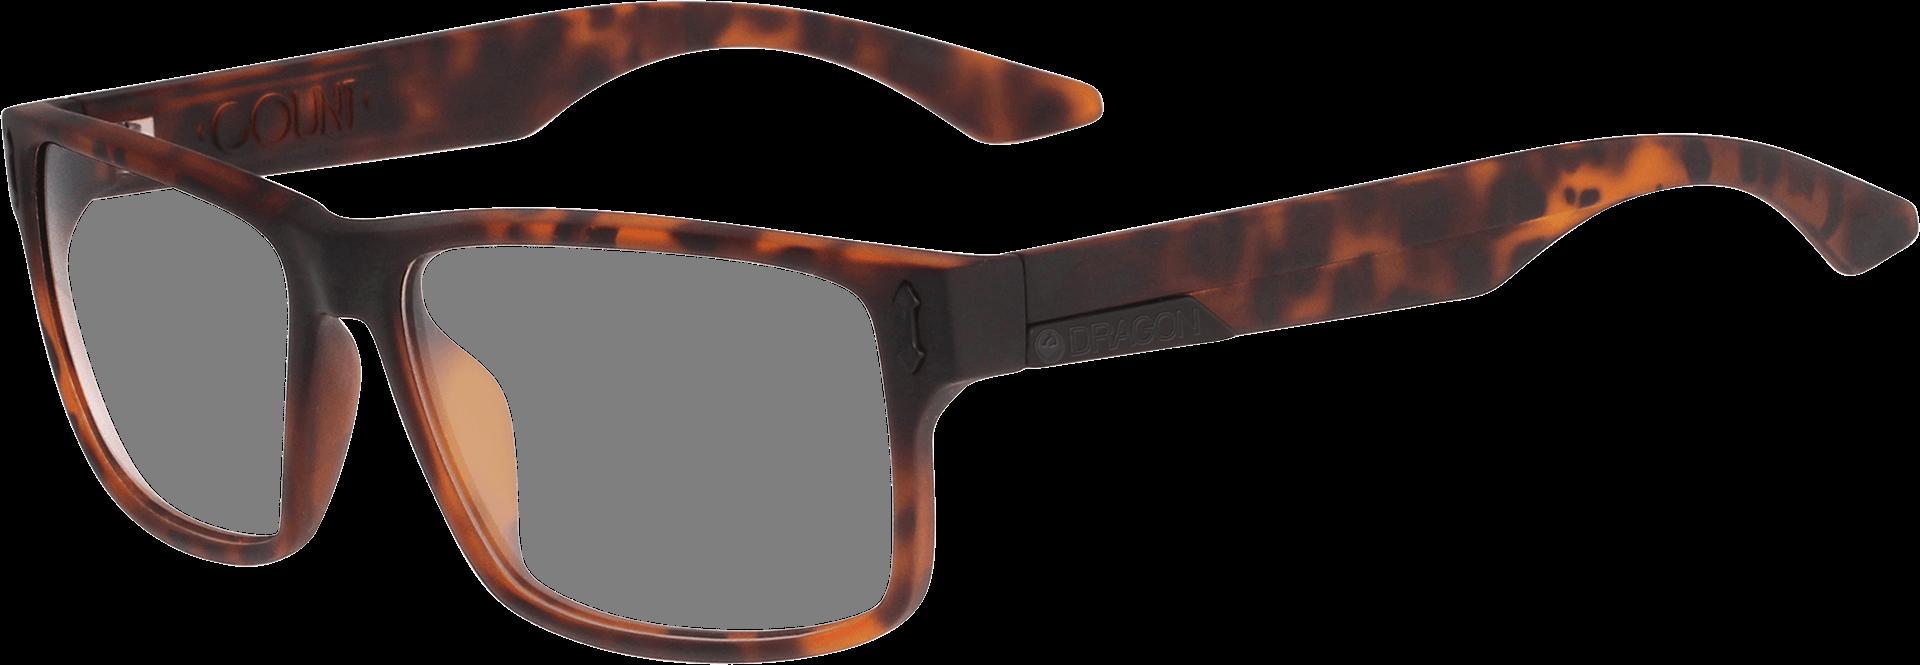 15dbe74f95d Dragon Eyewear